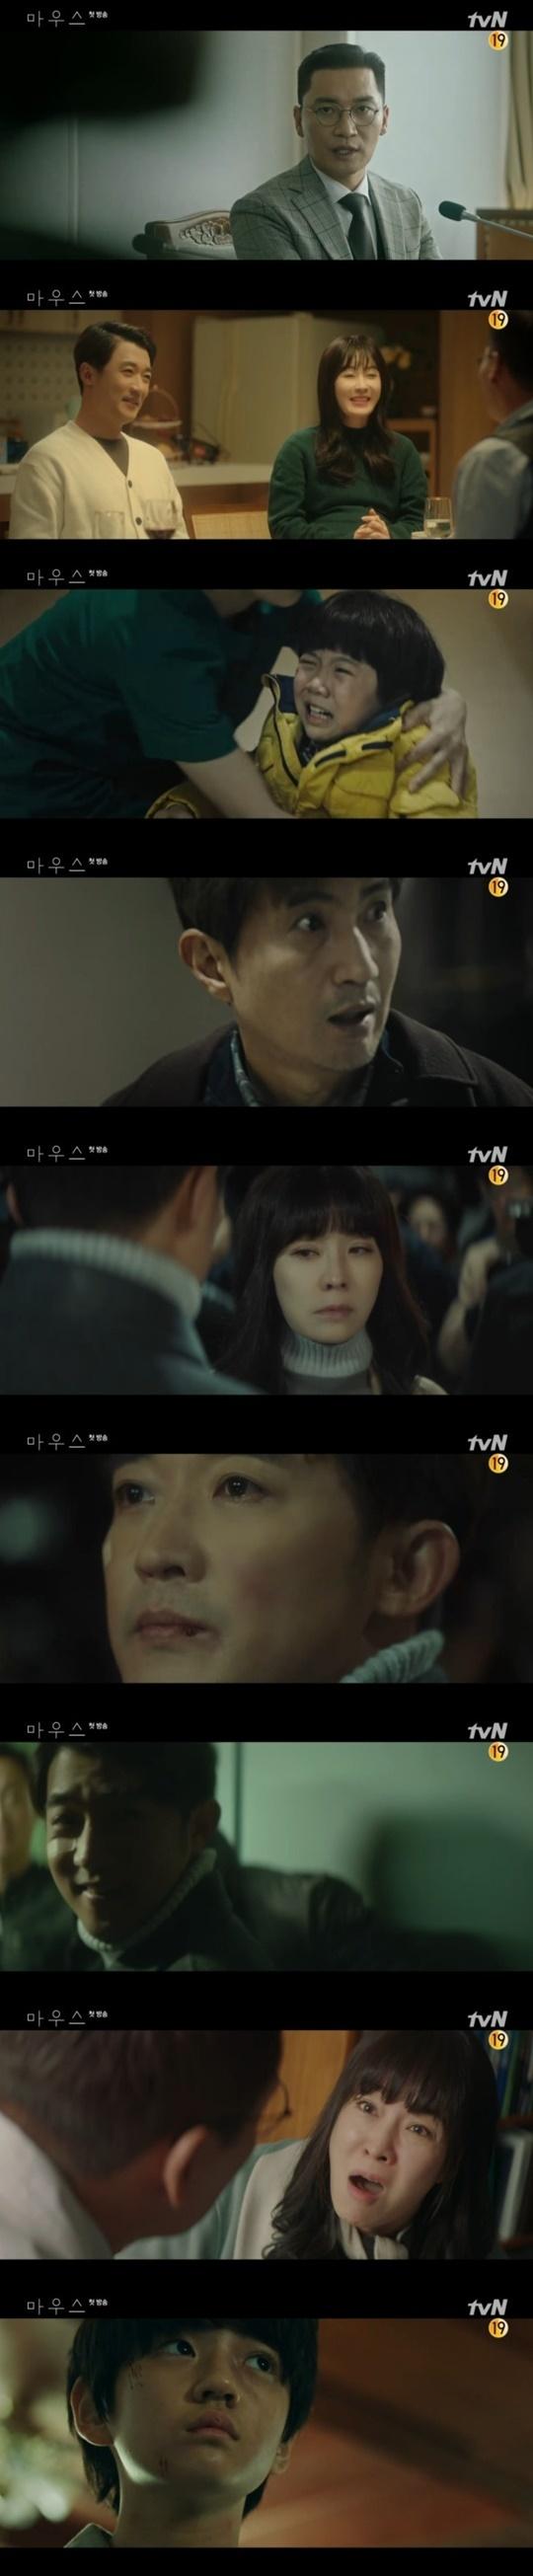 첫방 '마우스' 안재욱, 헤드헌터 살인마였다…'사이코패스' 김강훈(종합)